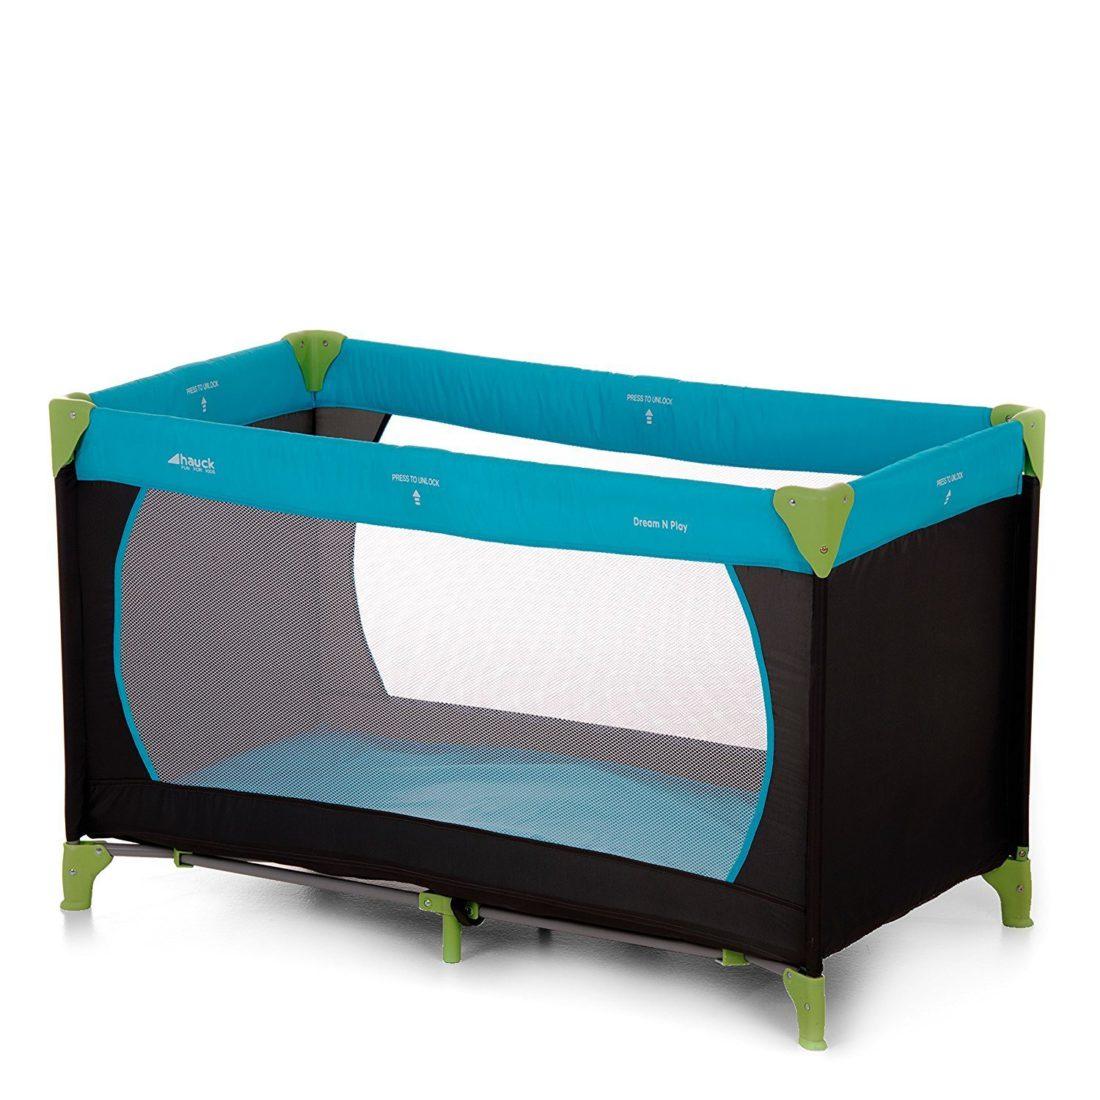 choisir un lit parapluie pour b b matelas conseils. Black Bedroom Furniture Sets. Home Design Ideas